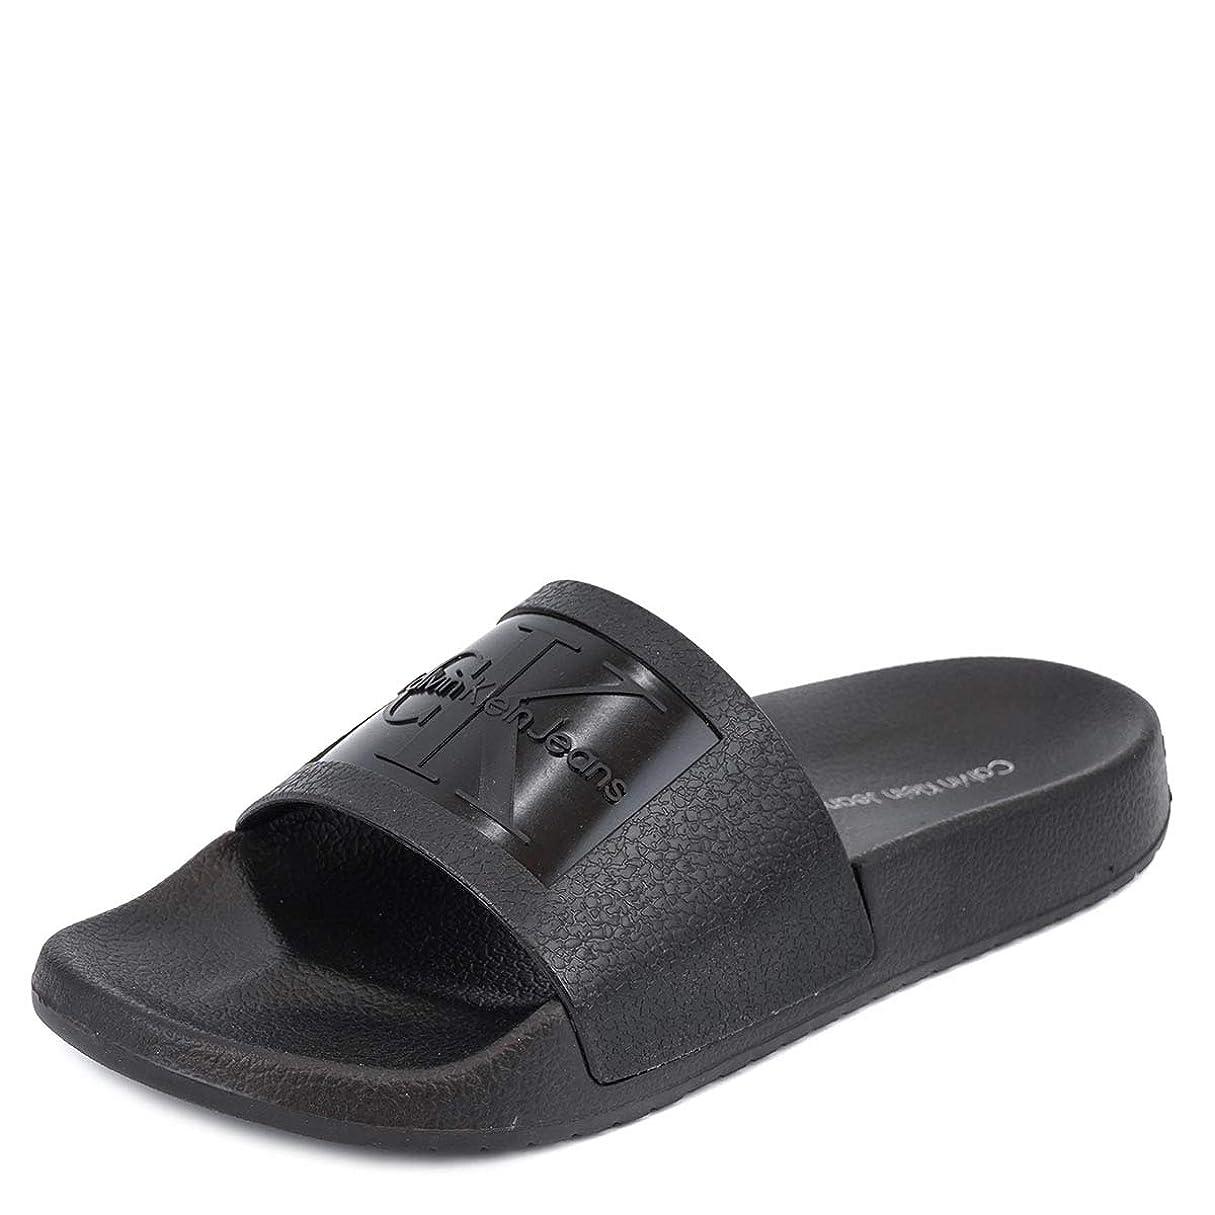 事件、出来事生き物服[カルバンクライン ジーンズ]Calvin Klein Jeans 34R8837 CHRISTIE JELLY SANDALS BLACK size6 [並行輸入品]